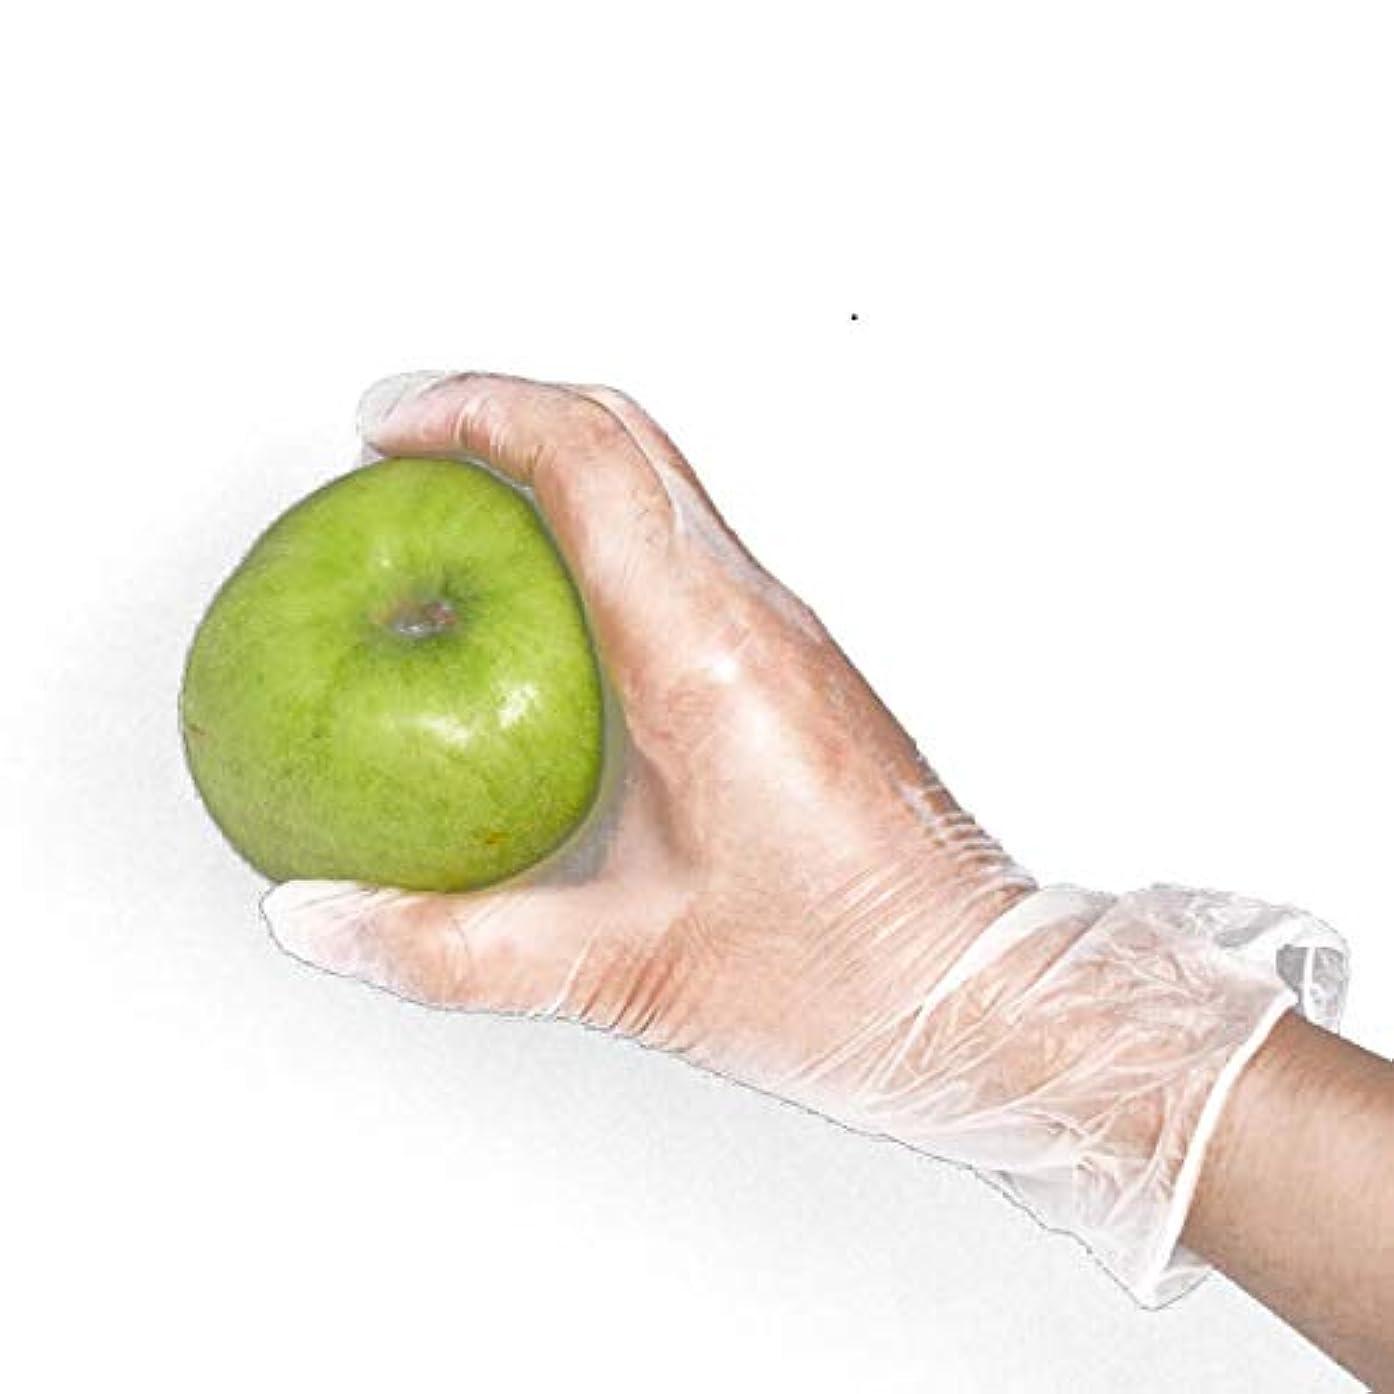 時代遅れ無し贅沢な[FJTK]使い捨て手袋 透明 100枚入 ホワイト  医療 美容 科学実験 (M)